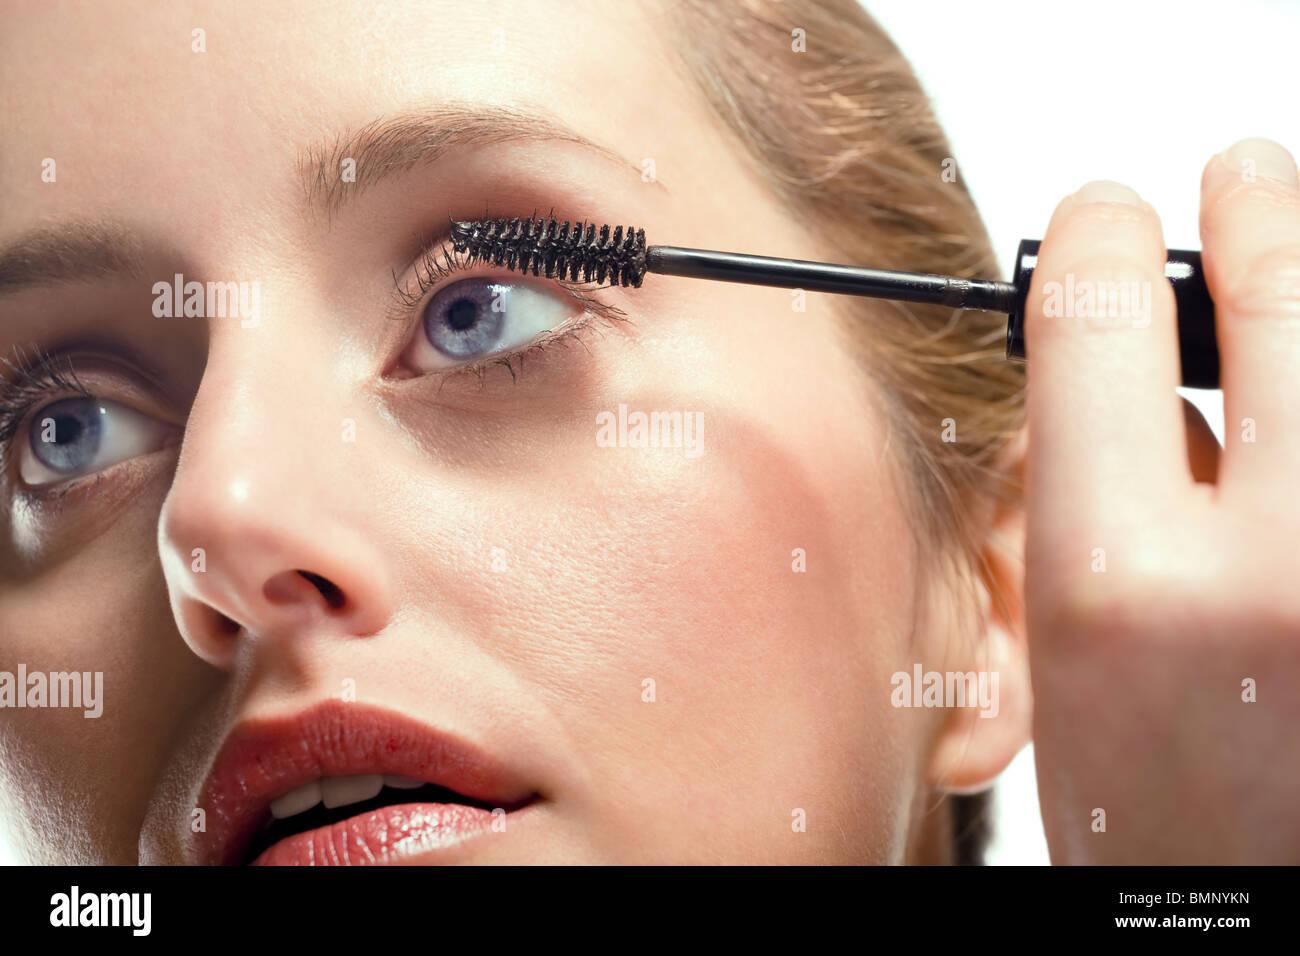 Close-up de mujer aplicar mascara sobre fondo blanco. Imagen De Stock